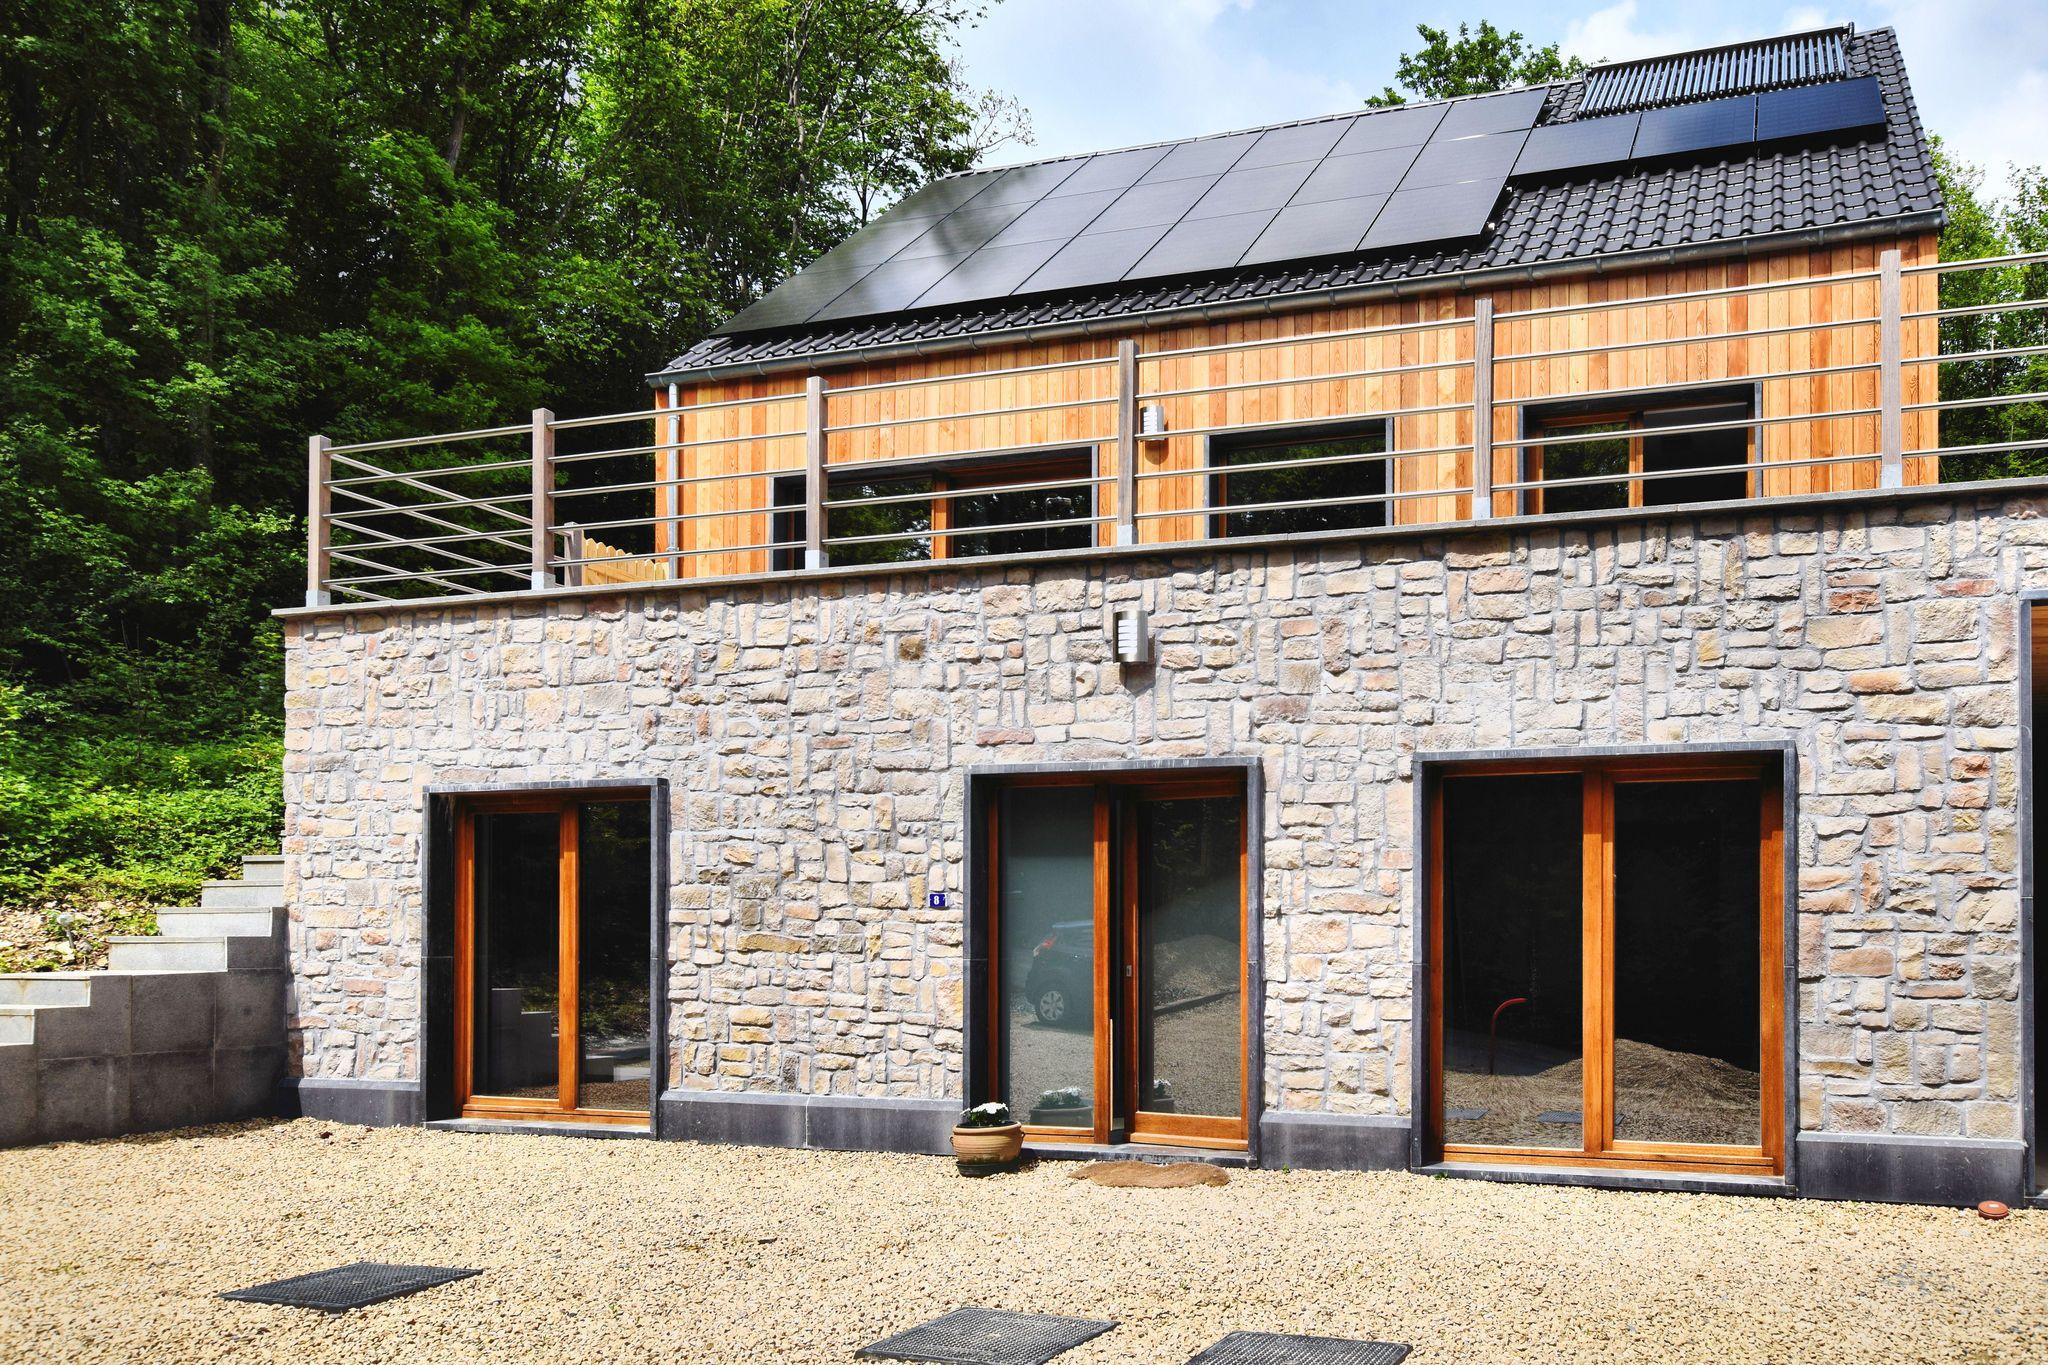 Residencia de 5 habitaciones en Beauraing